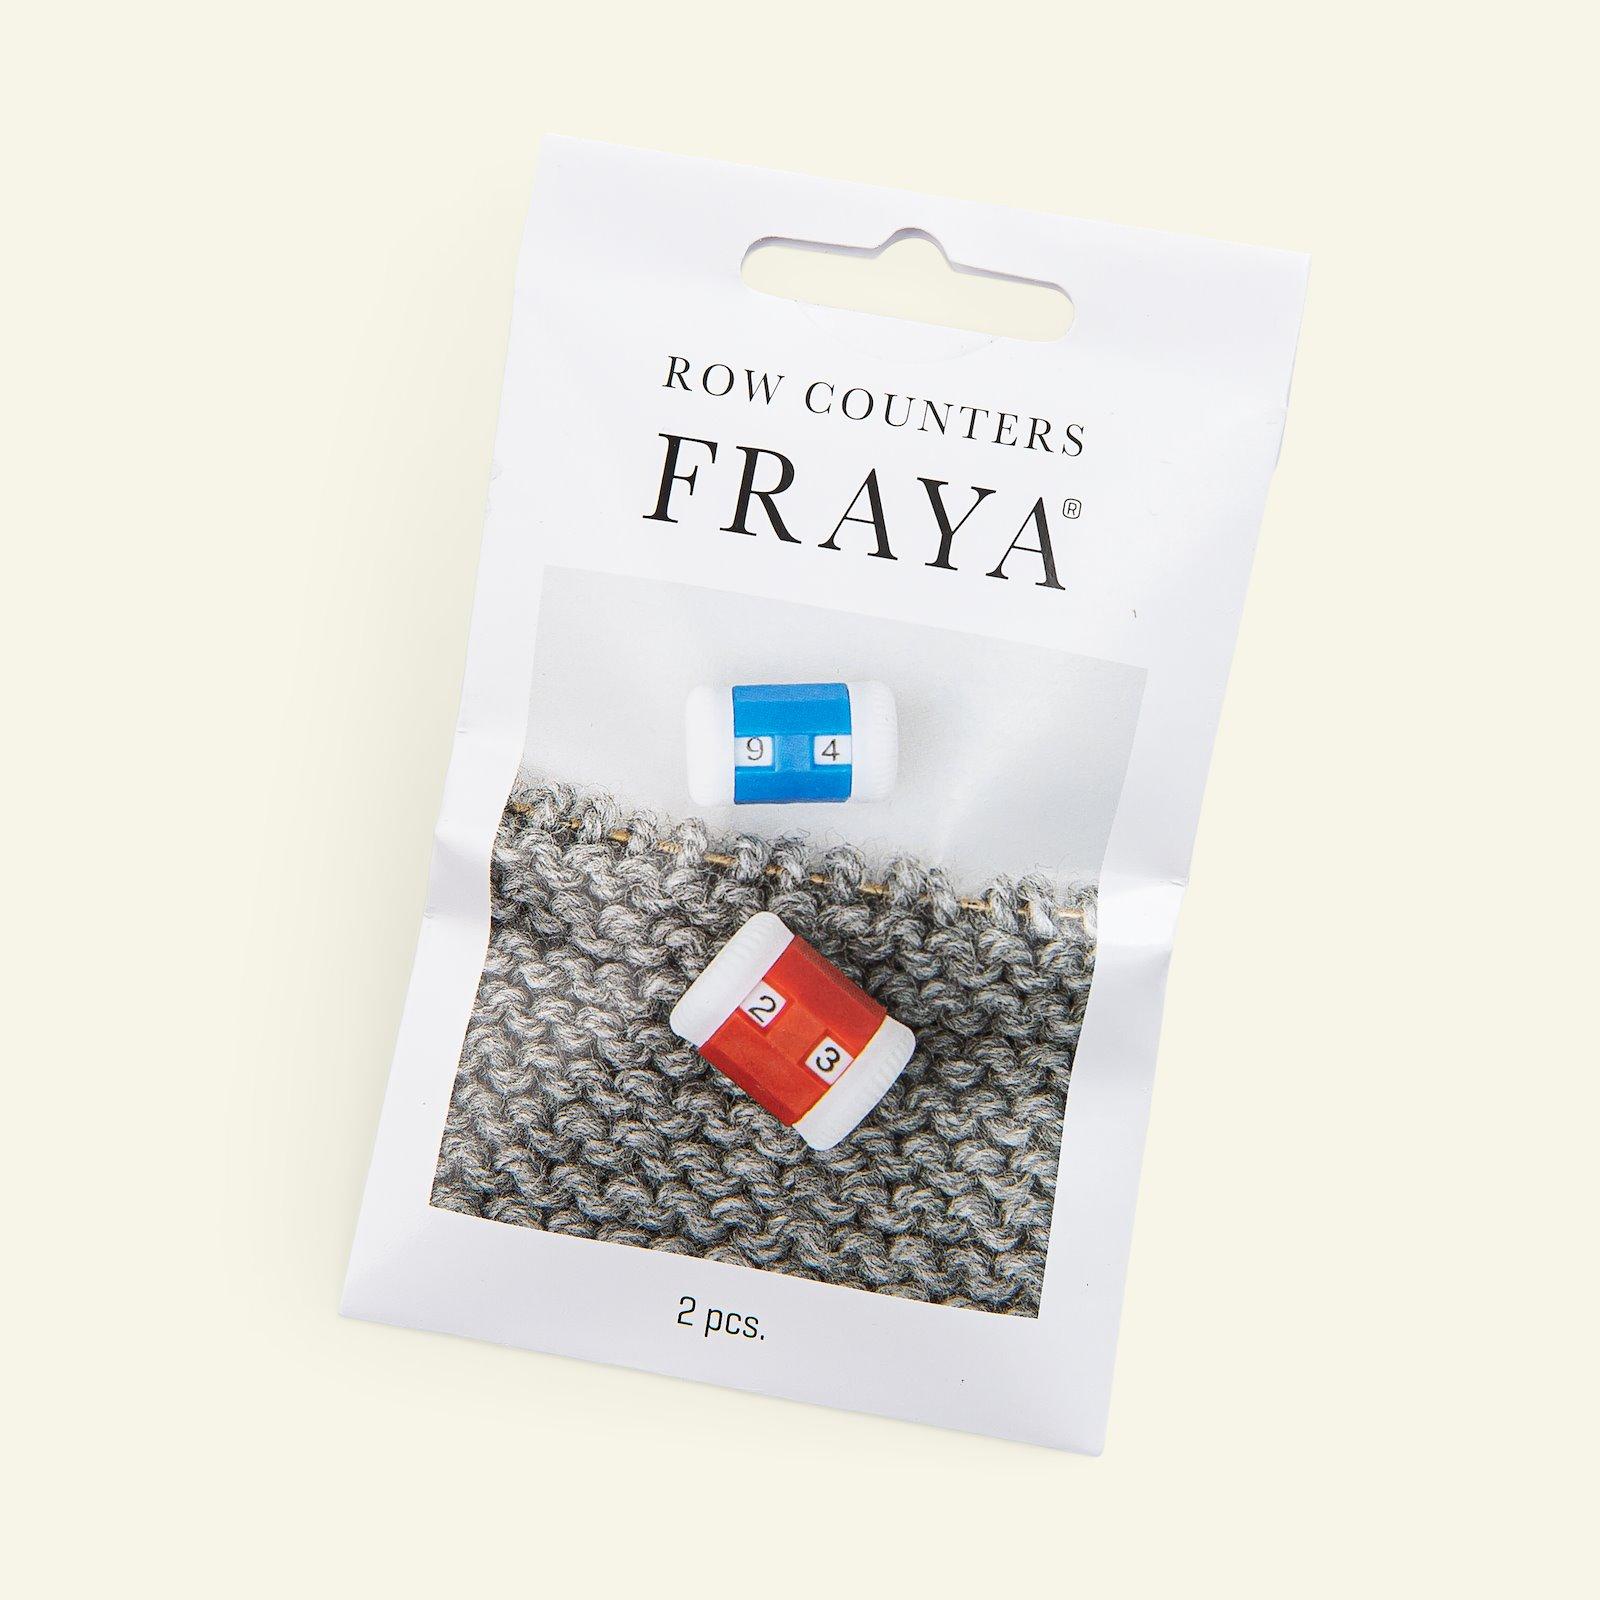 FRAYA row counters 2 pcs. 83305_pack_b